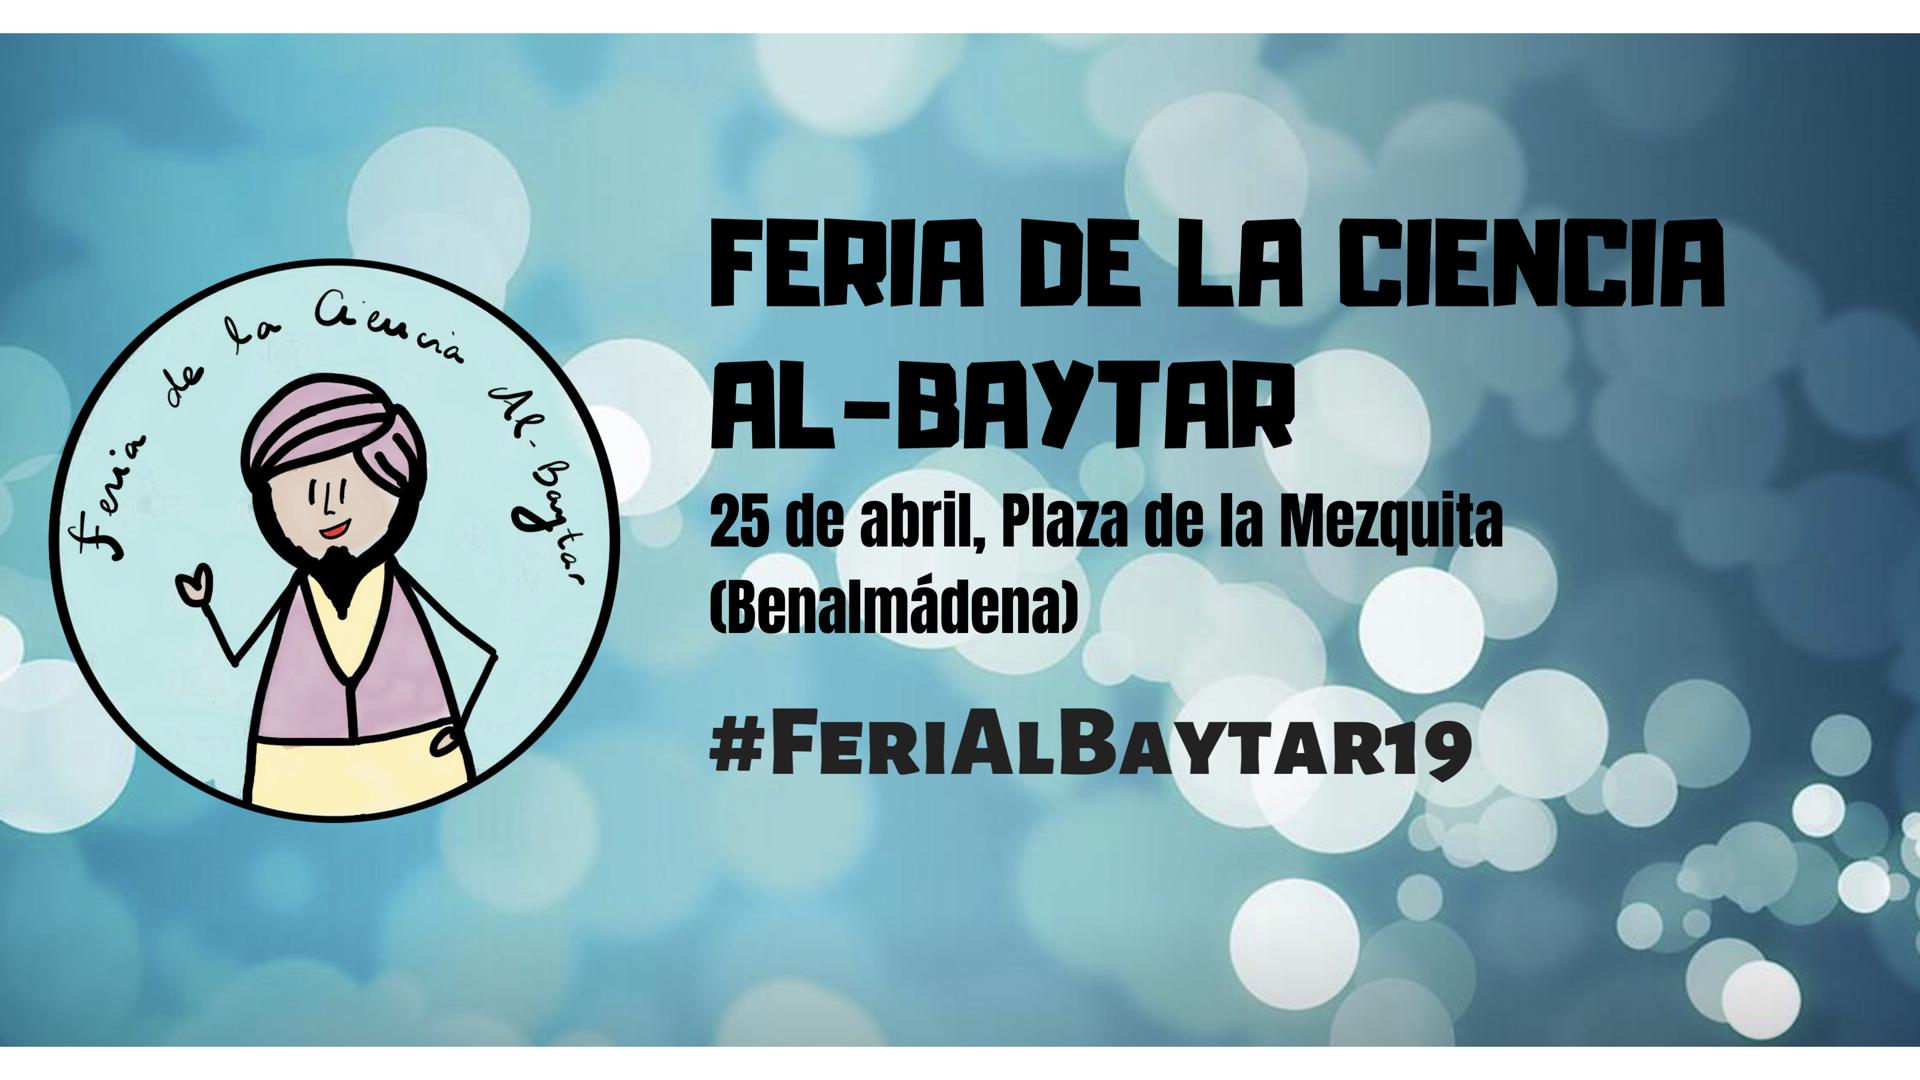 Feria de la Ciencia en Benalmádena